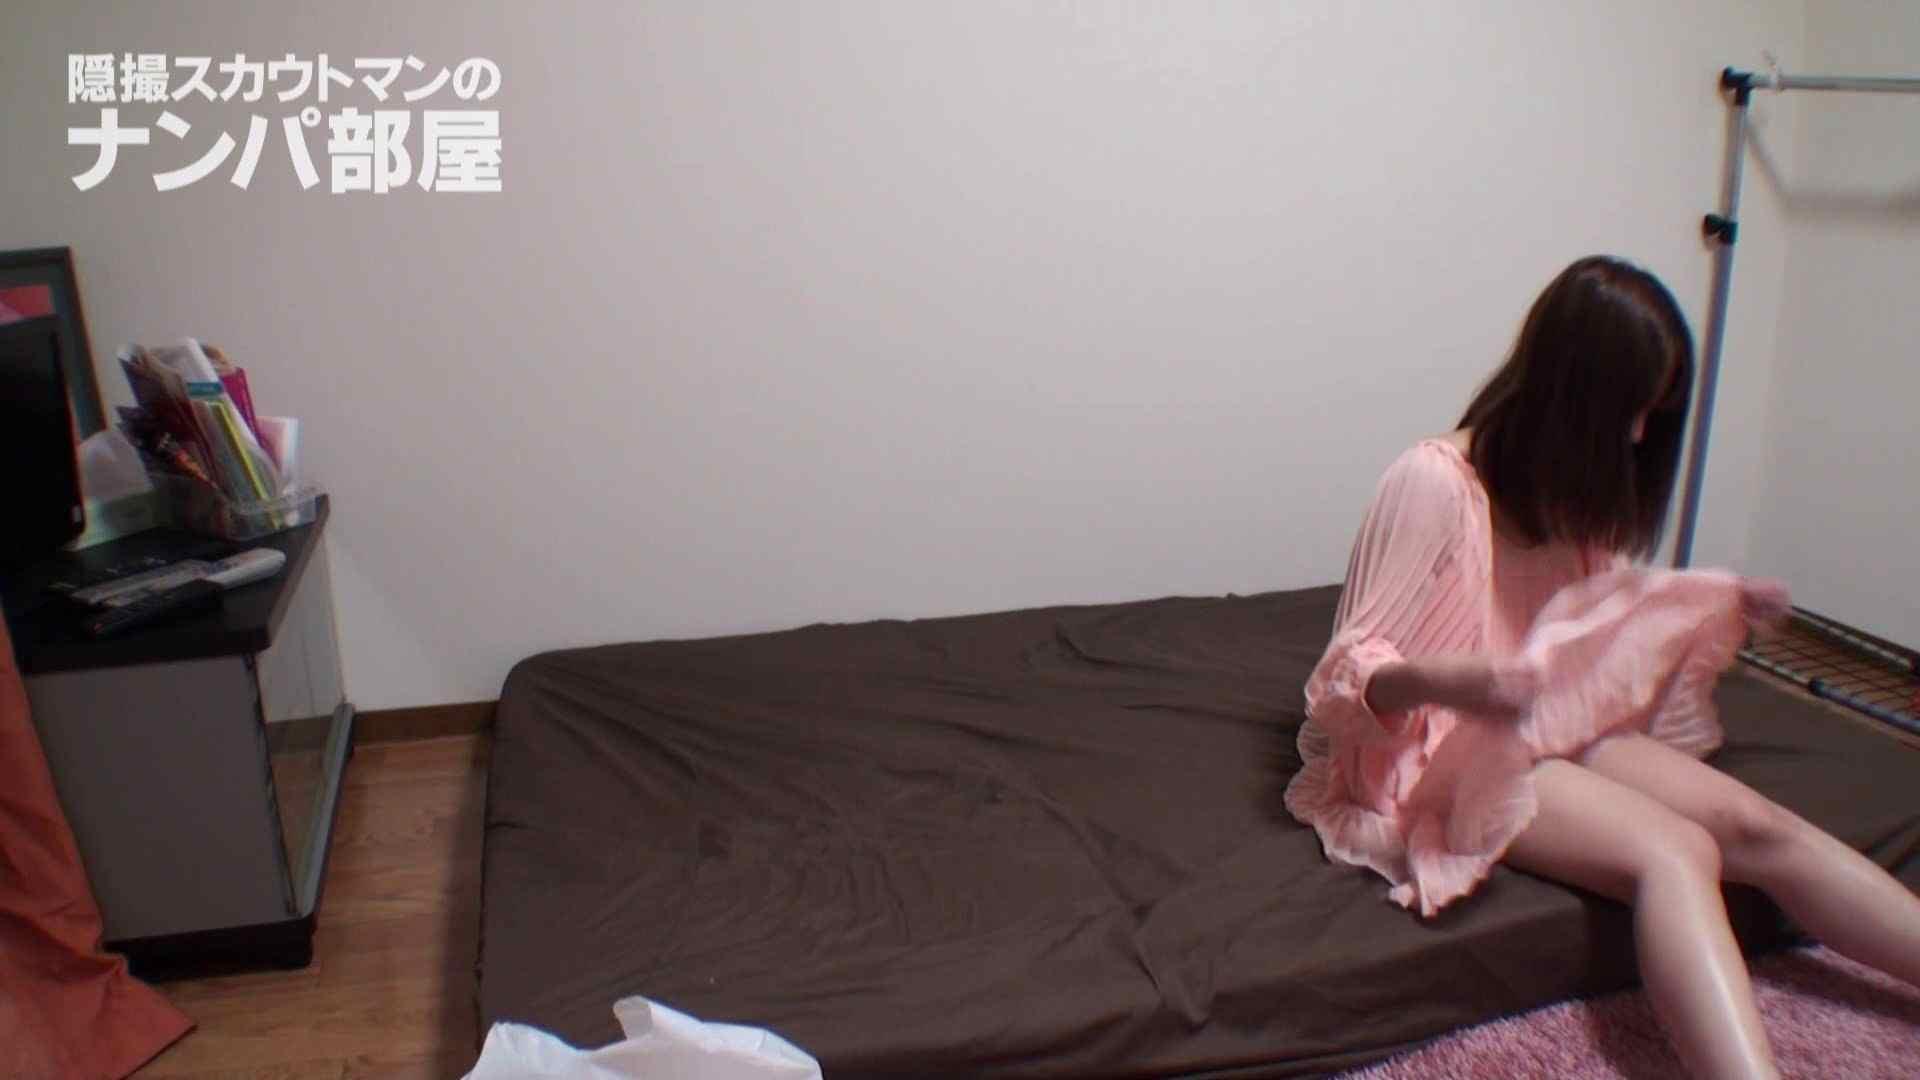 vol.5 kana ナンパ 覗きおまんこ画像 108PIX 56